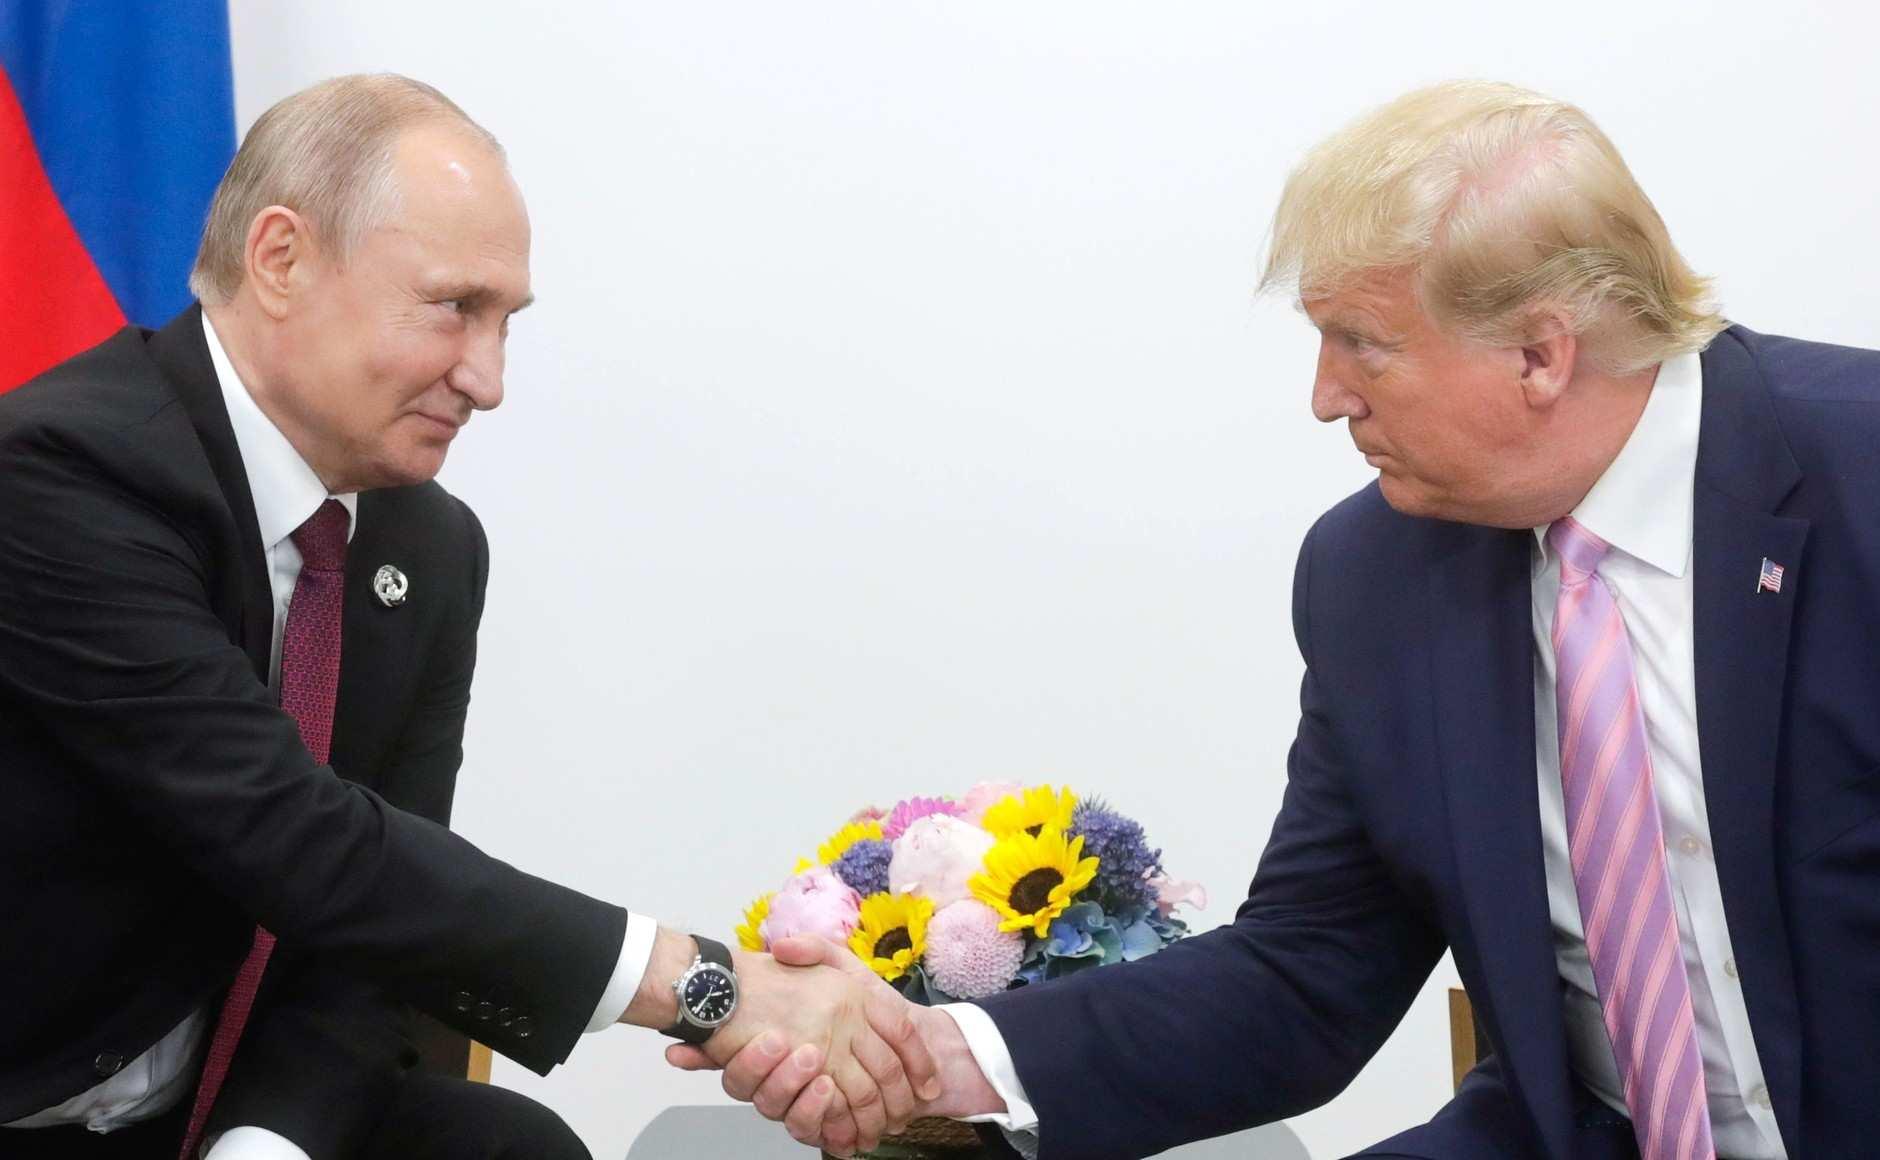 СРОЧНО: Трамп рассказал оликвидации главаря ИГИЛ ипоблагодарил Россию (ФОТО, ВИДЕО) | Русская весна